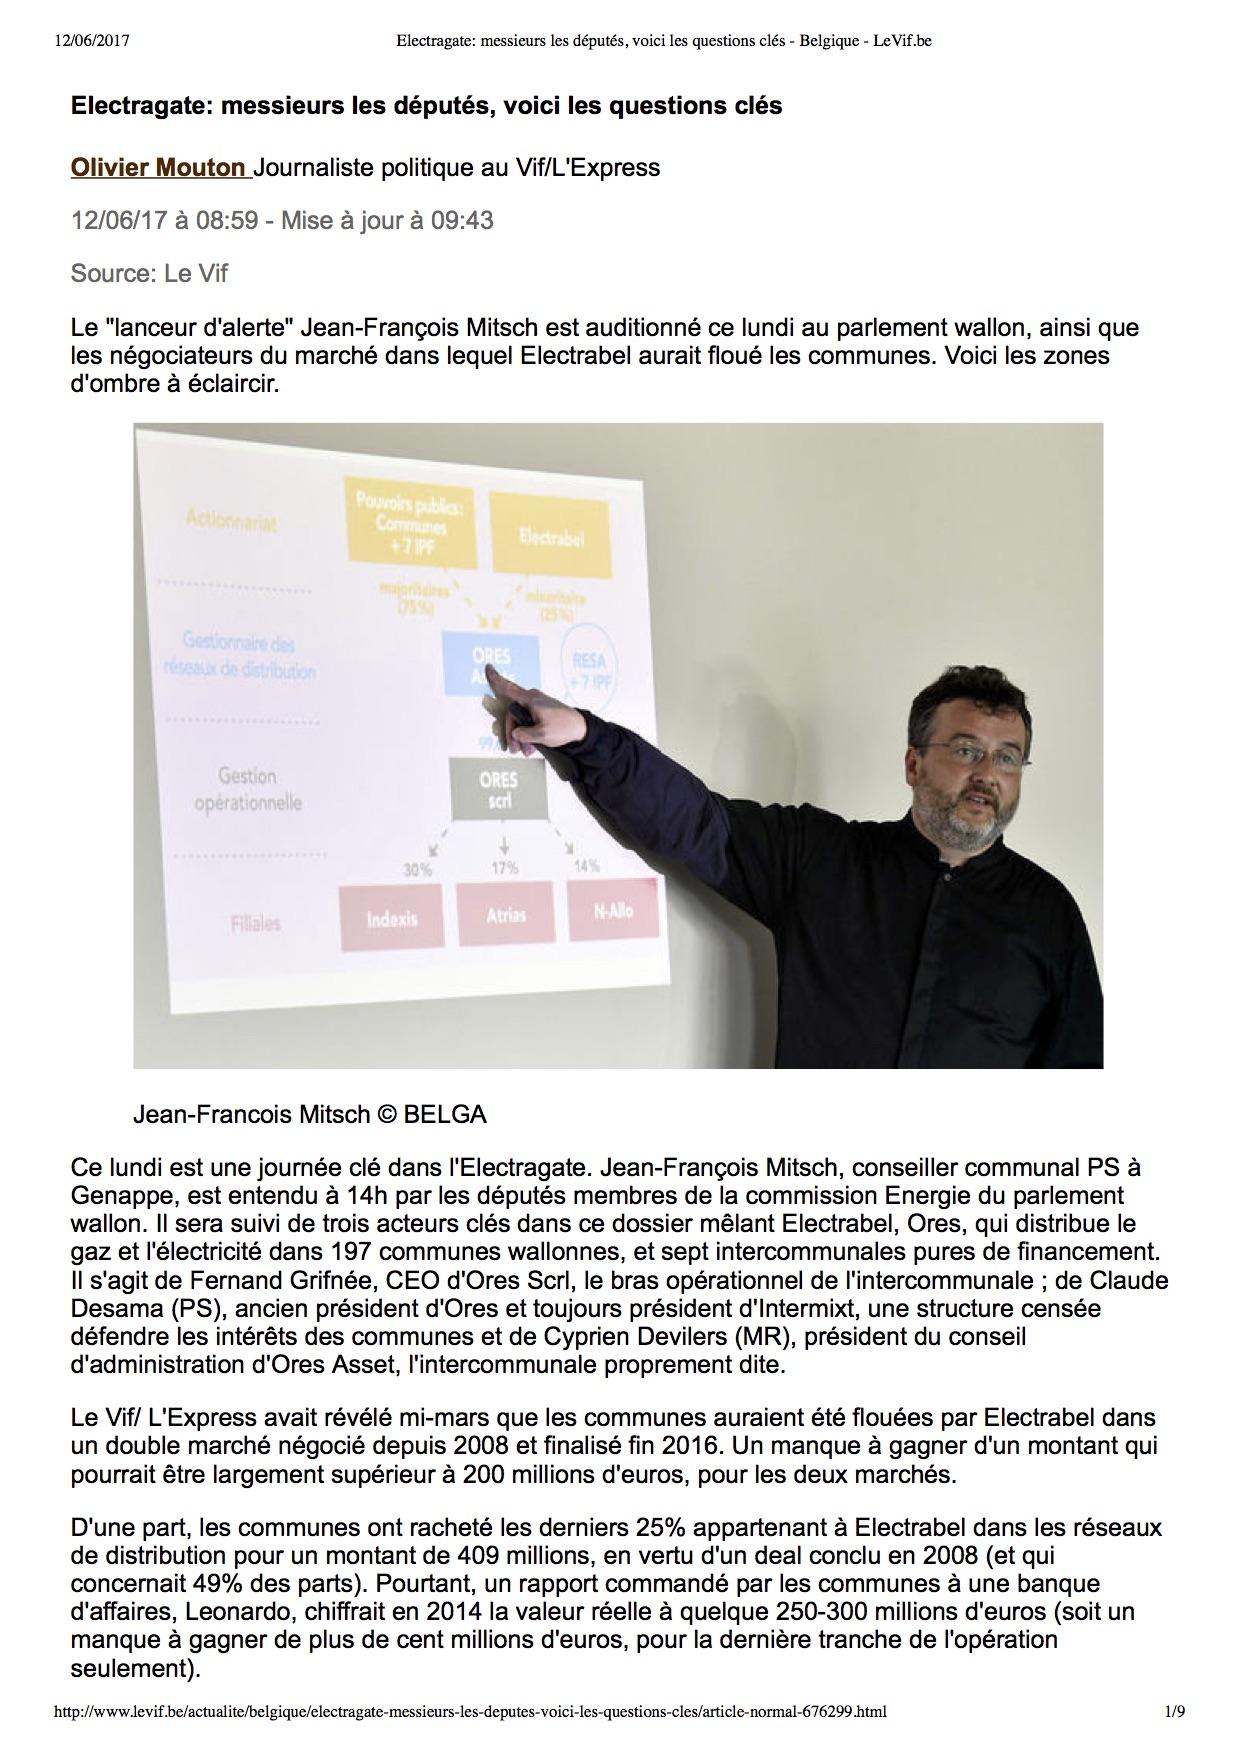 Electragate_ messieurs les députés, voici les questions clés - Belgique - LeVif.jpg